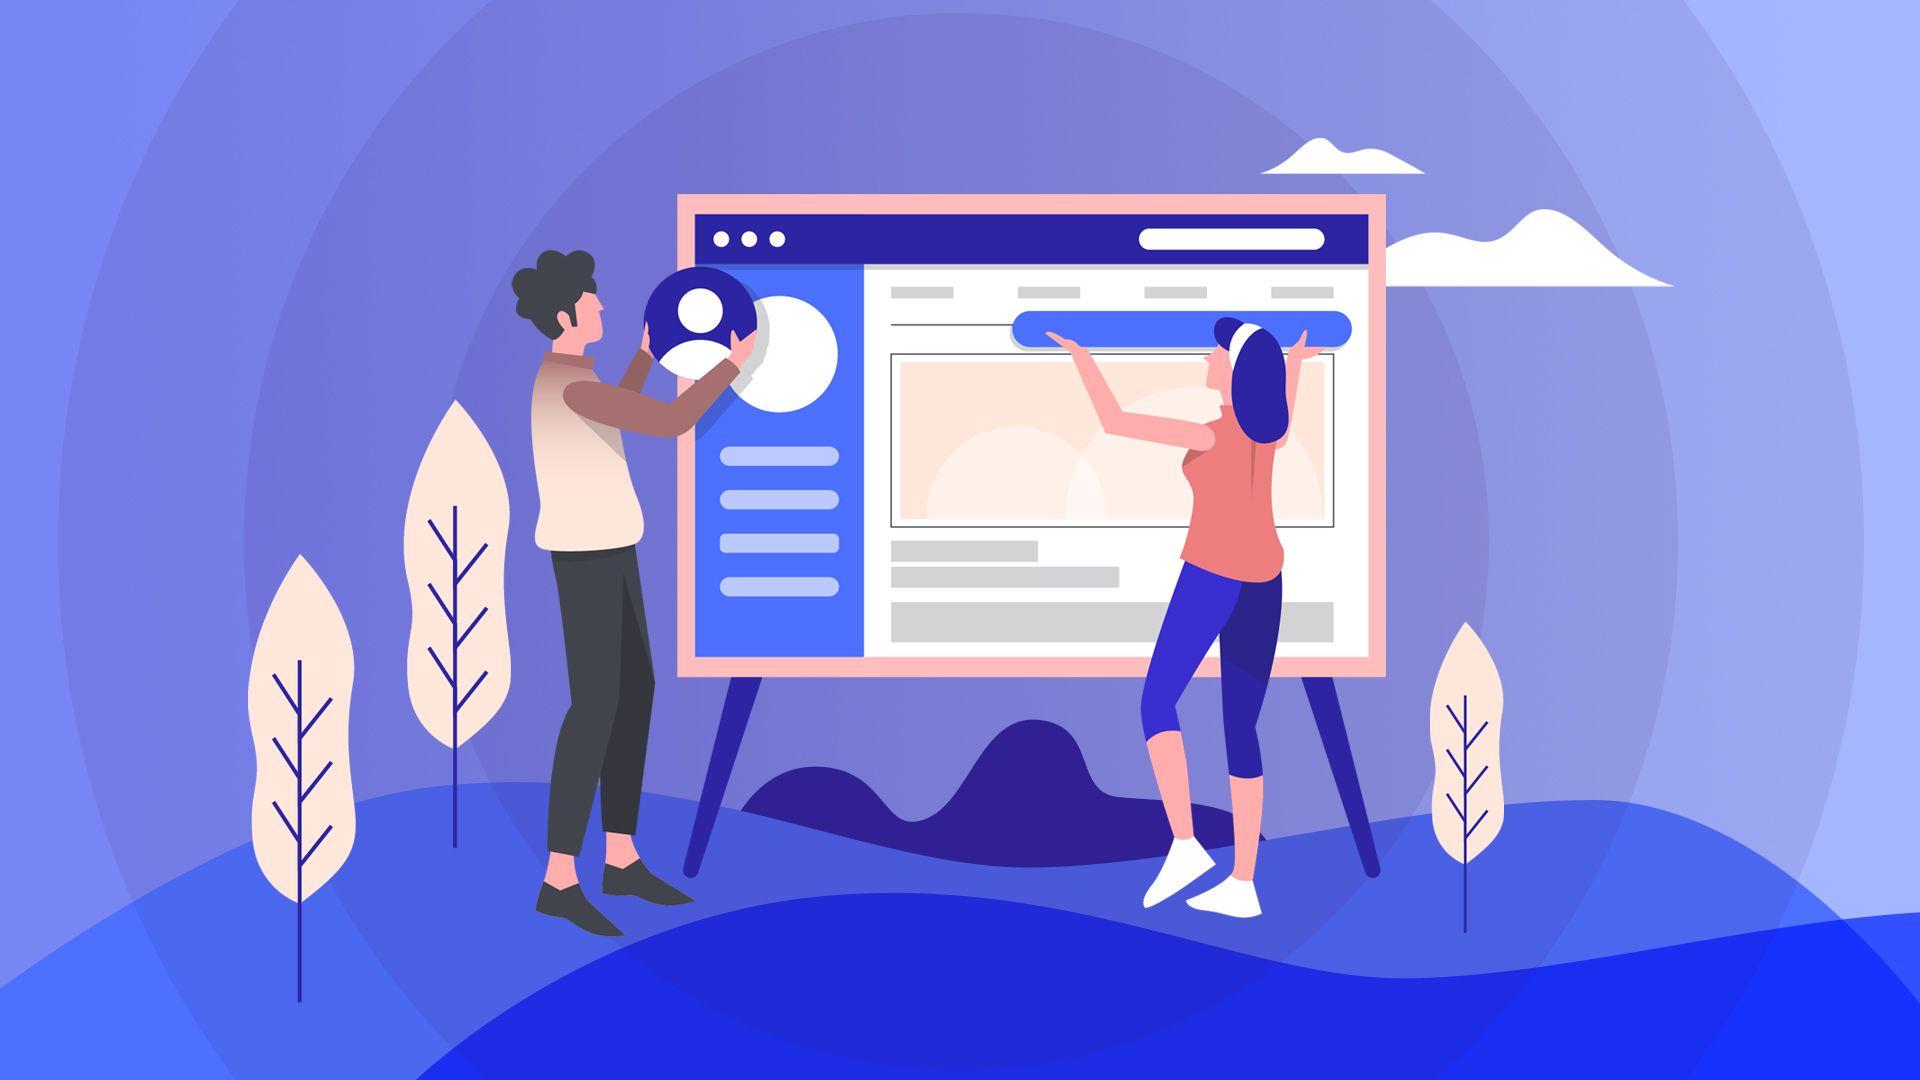 Вебинар Как понять реальную задачу клиента, чтобы создать крутое дизайн-решение фото